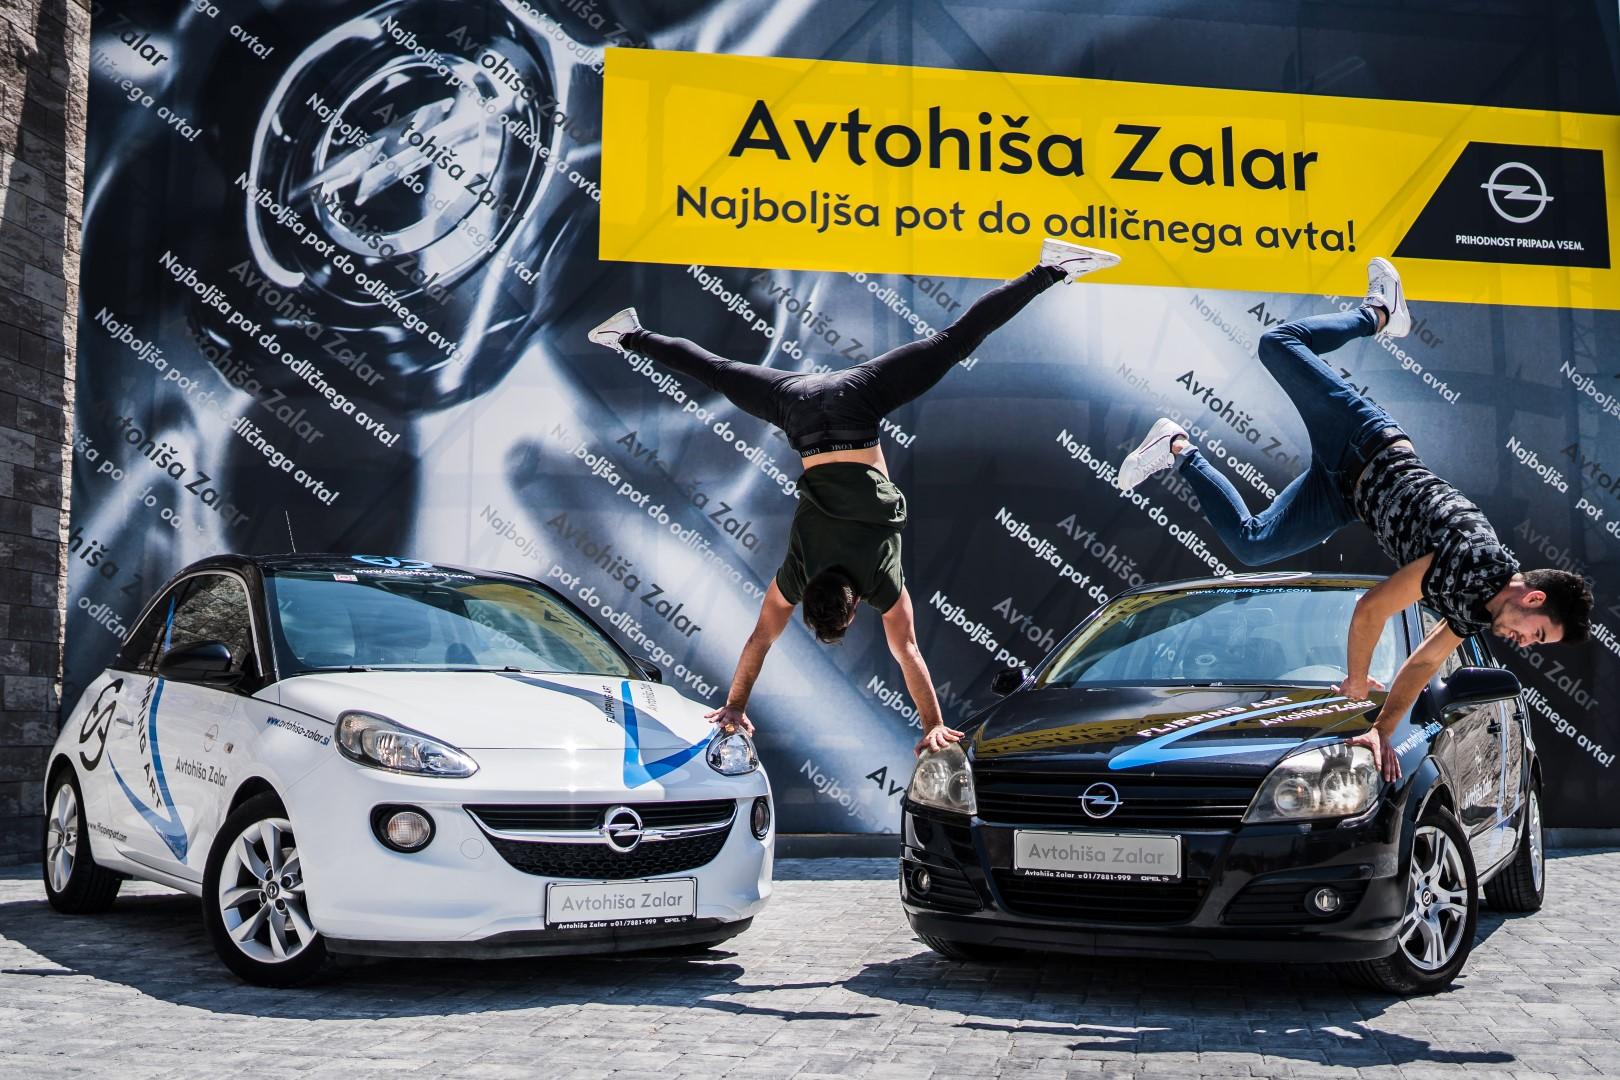 avtohisa-zalar-flipping-art-z-roko-v-roki-opel-adam-tim-nuc-luka-avgustin-simona-zalar-ciril-sponzorsko-vozilo (8)